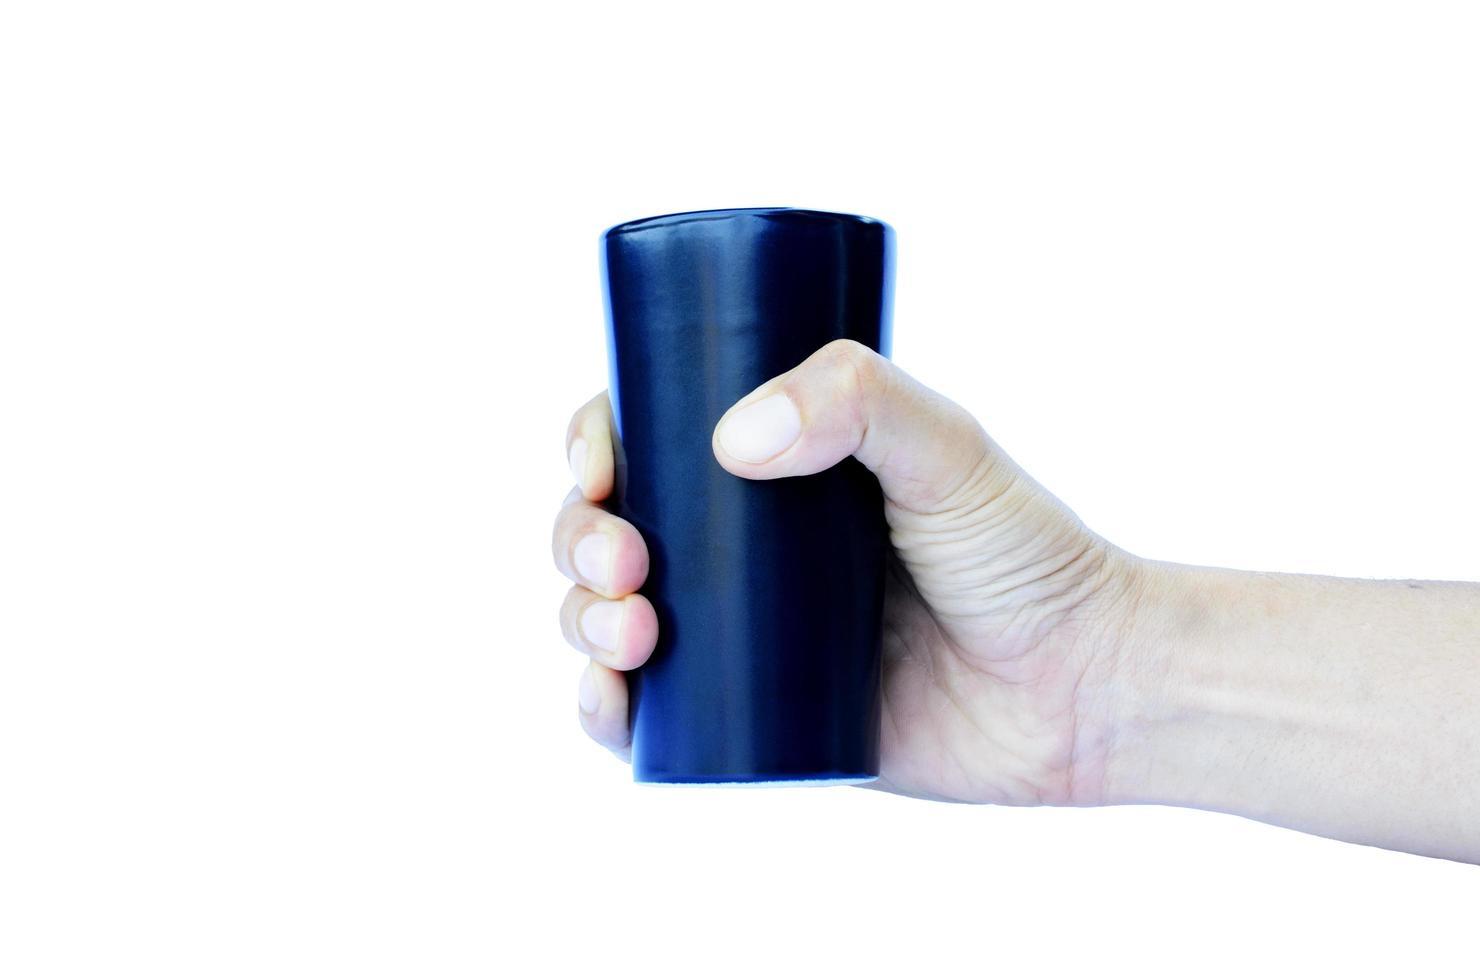 mano destra che tiene tazza blu in ceramica isolata su sfondi bianchi foto